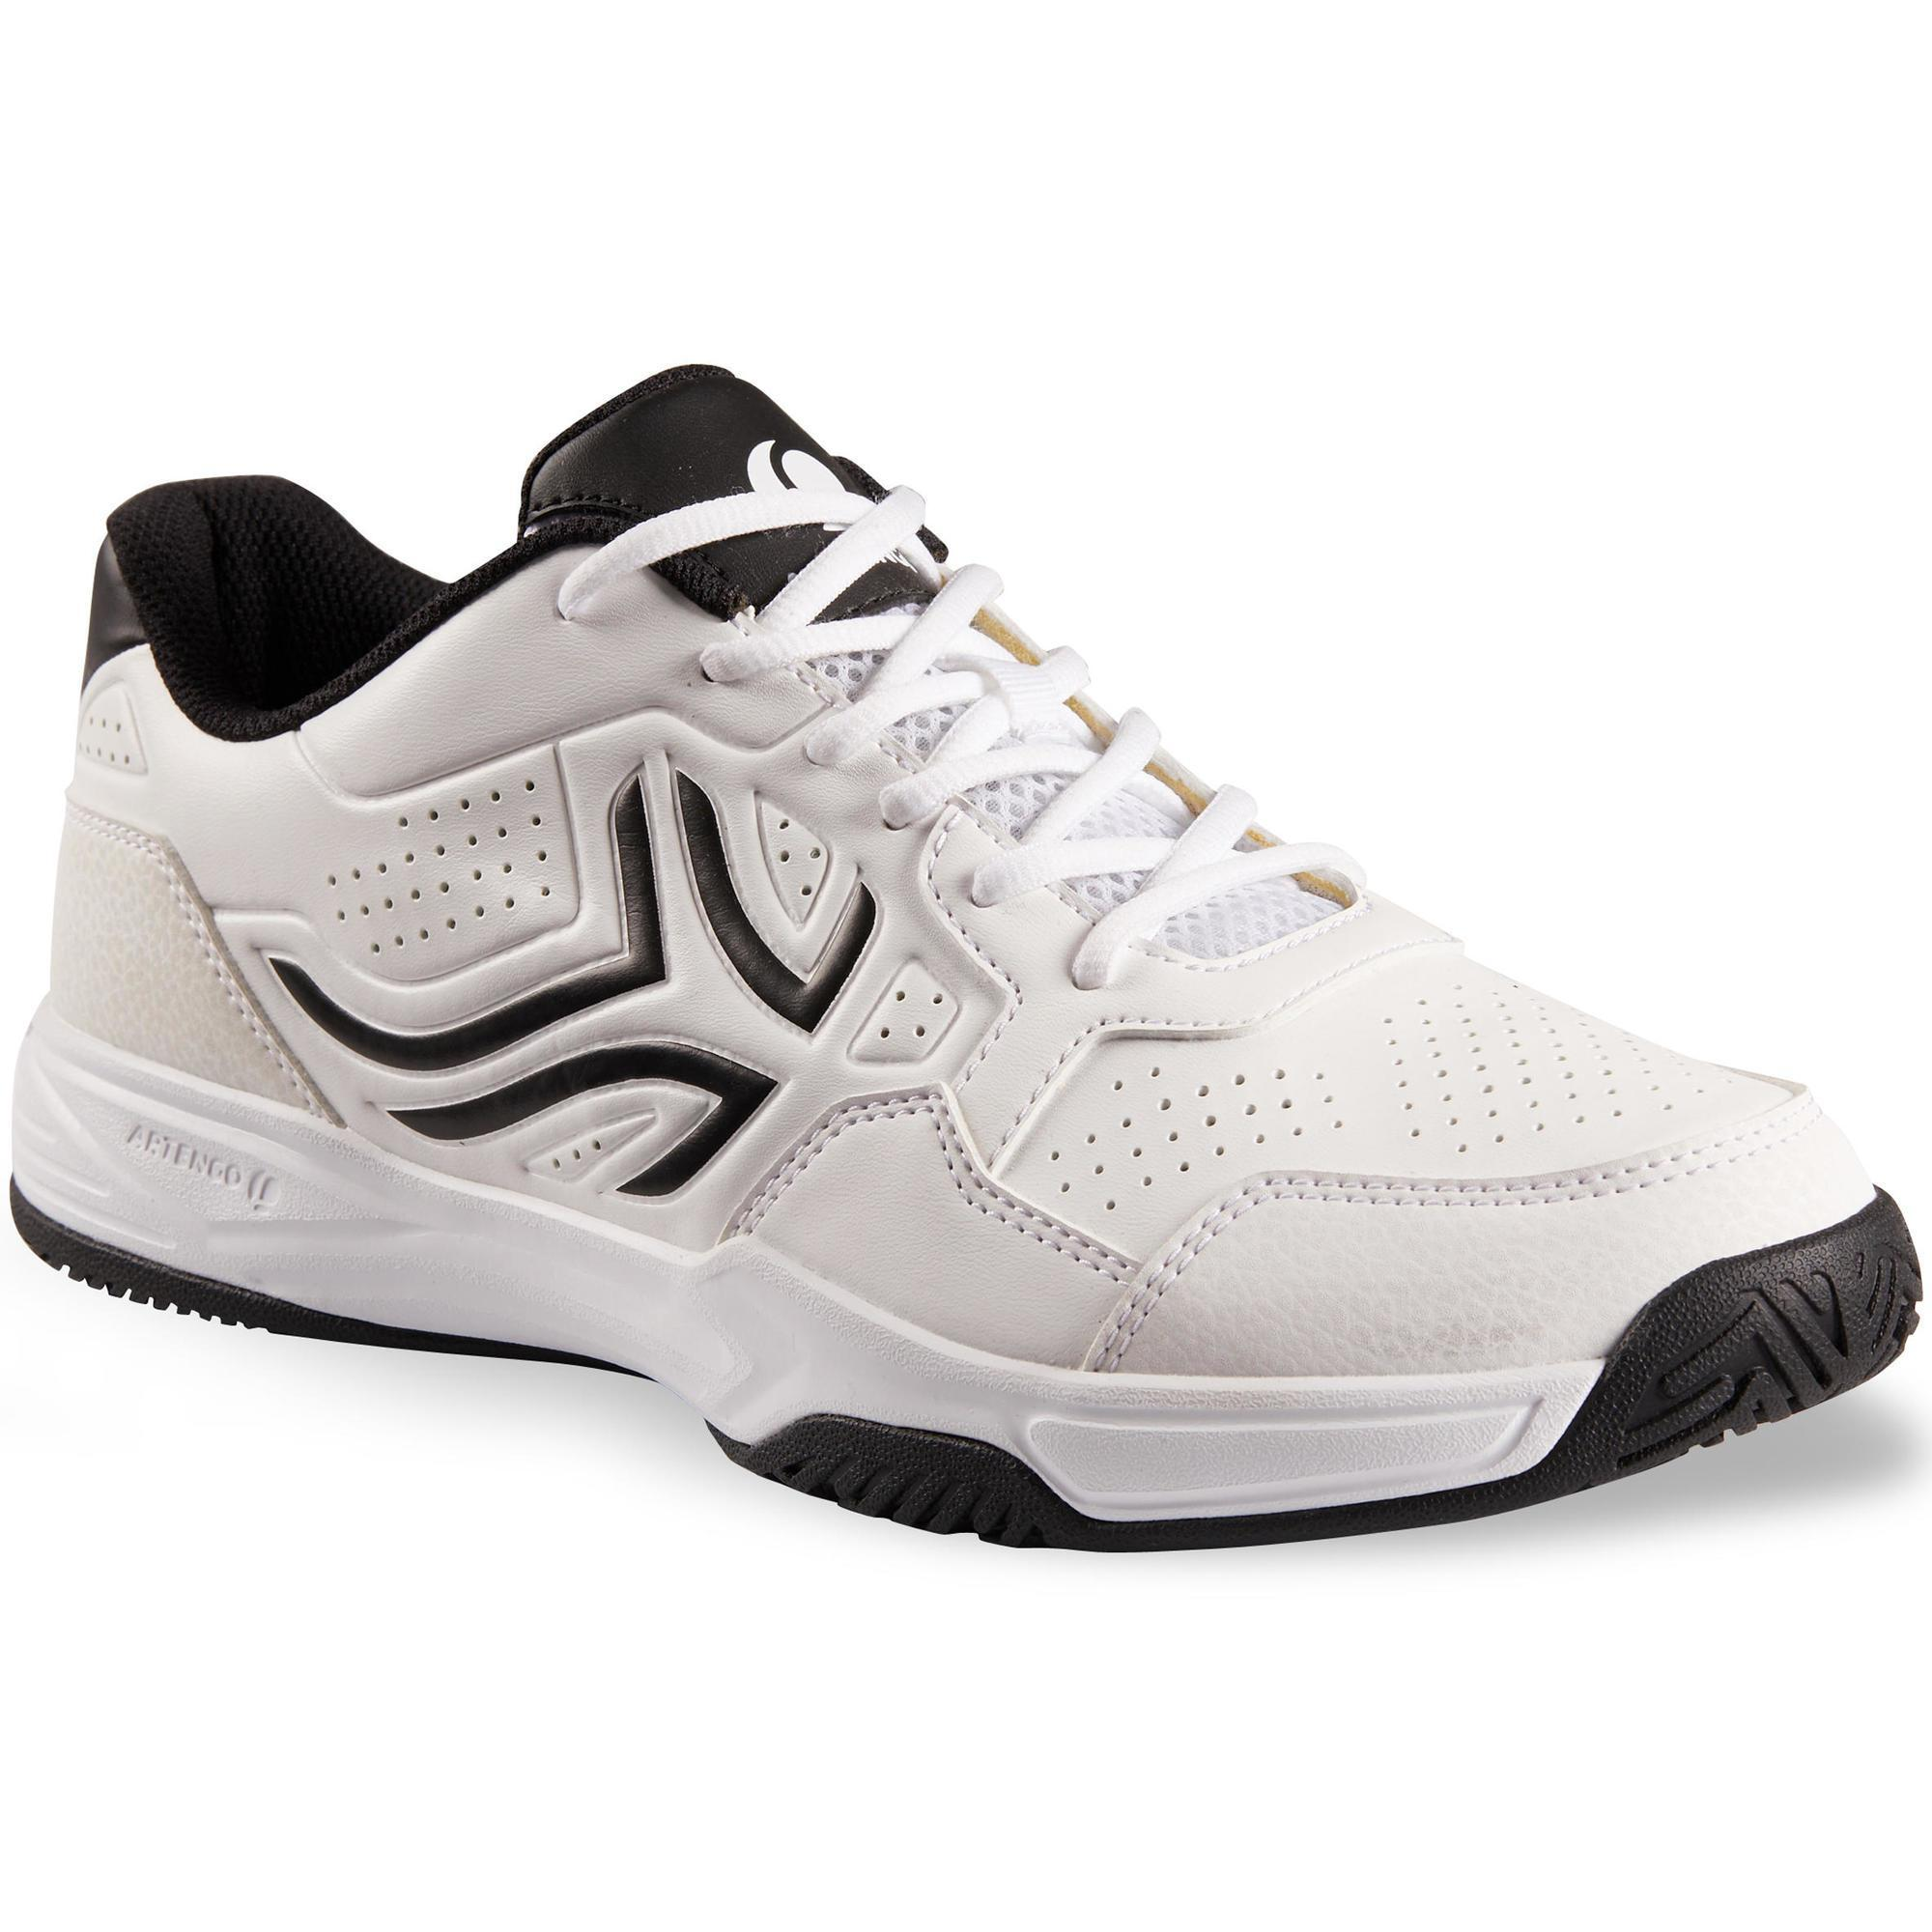 Artengo Tennisschoenen voor heren TS190 wit multicourt kopen